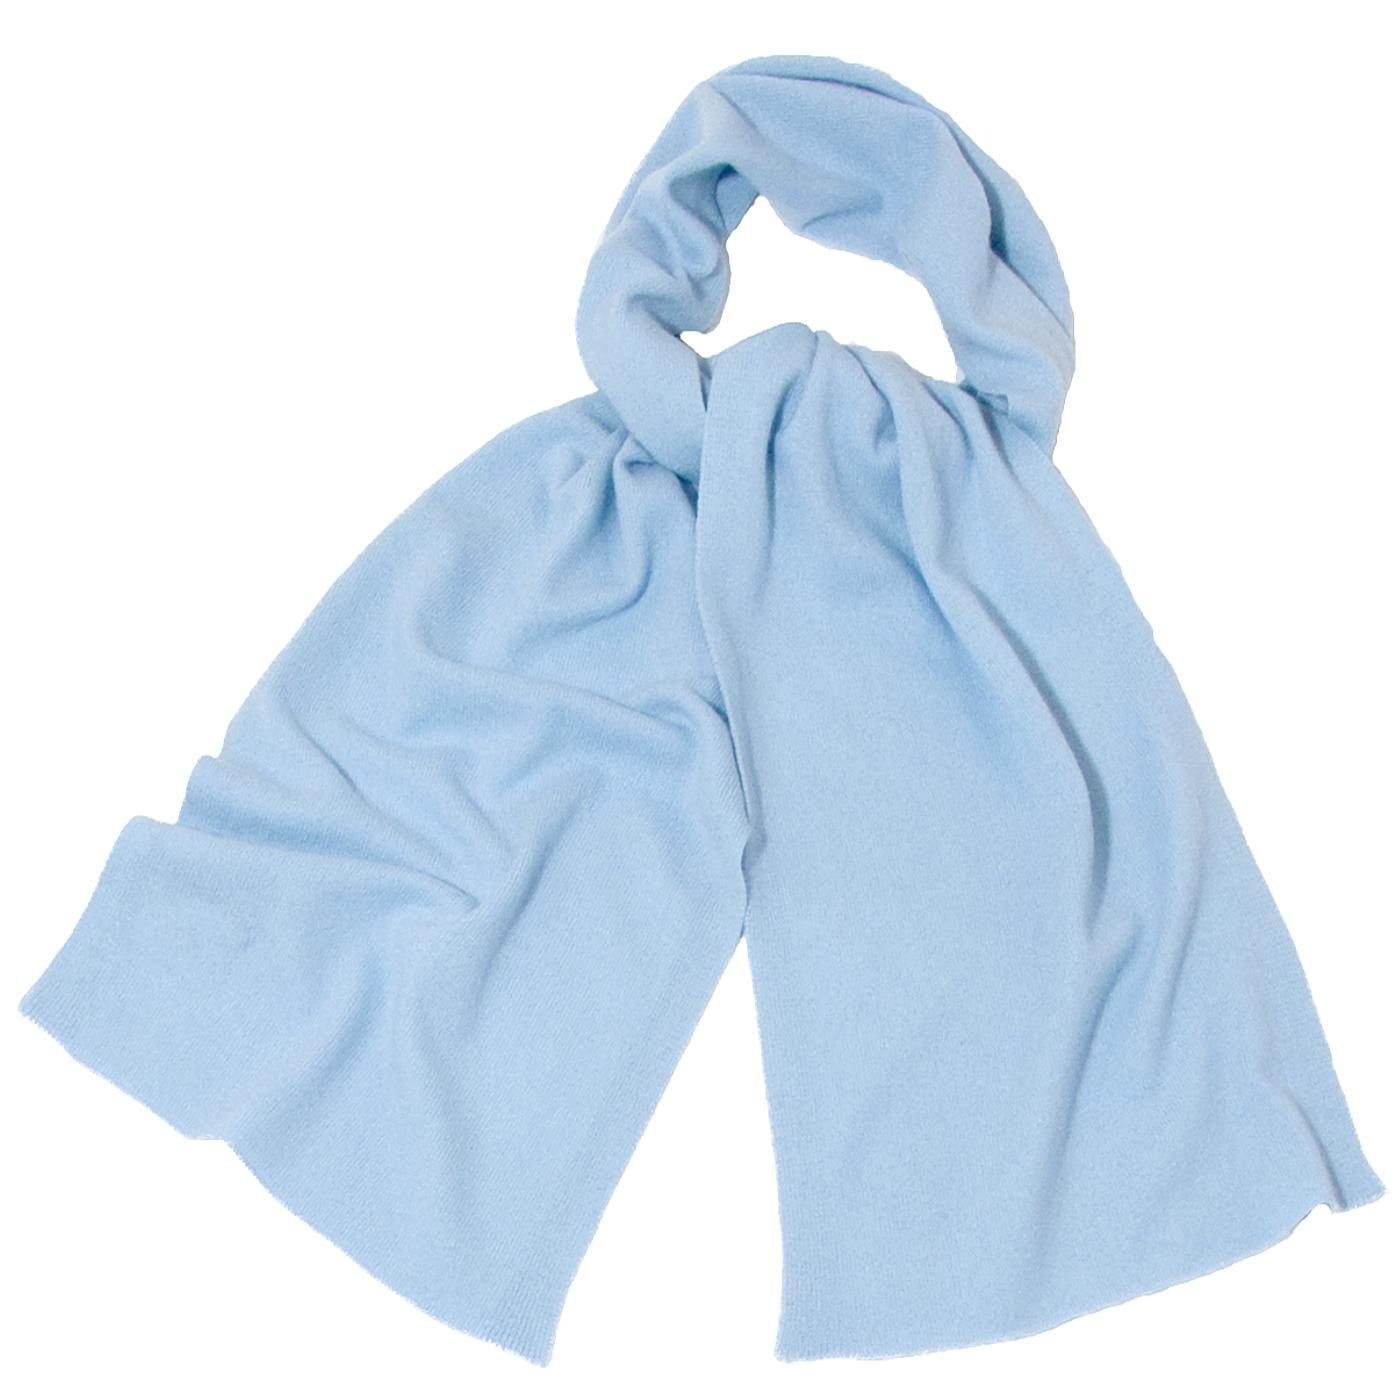 Echarpe bleu ciel homme - Idée pour s habiller 00dd2d61c32